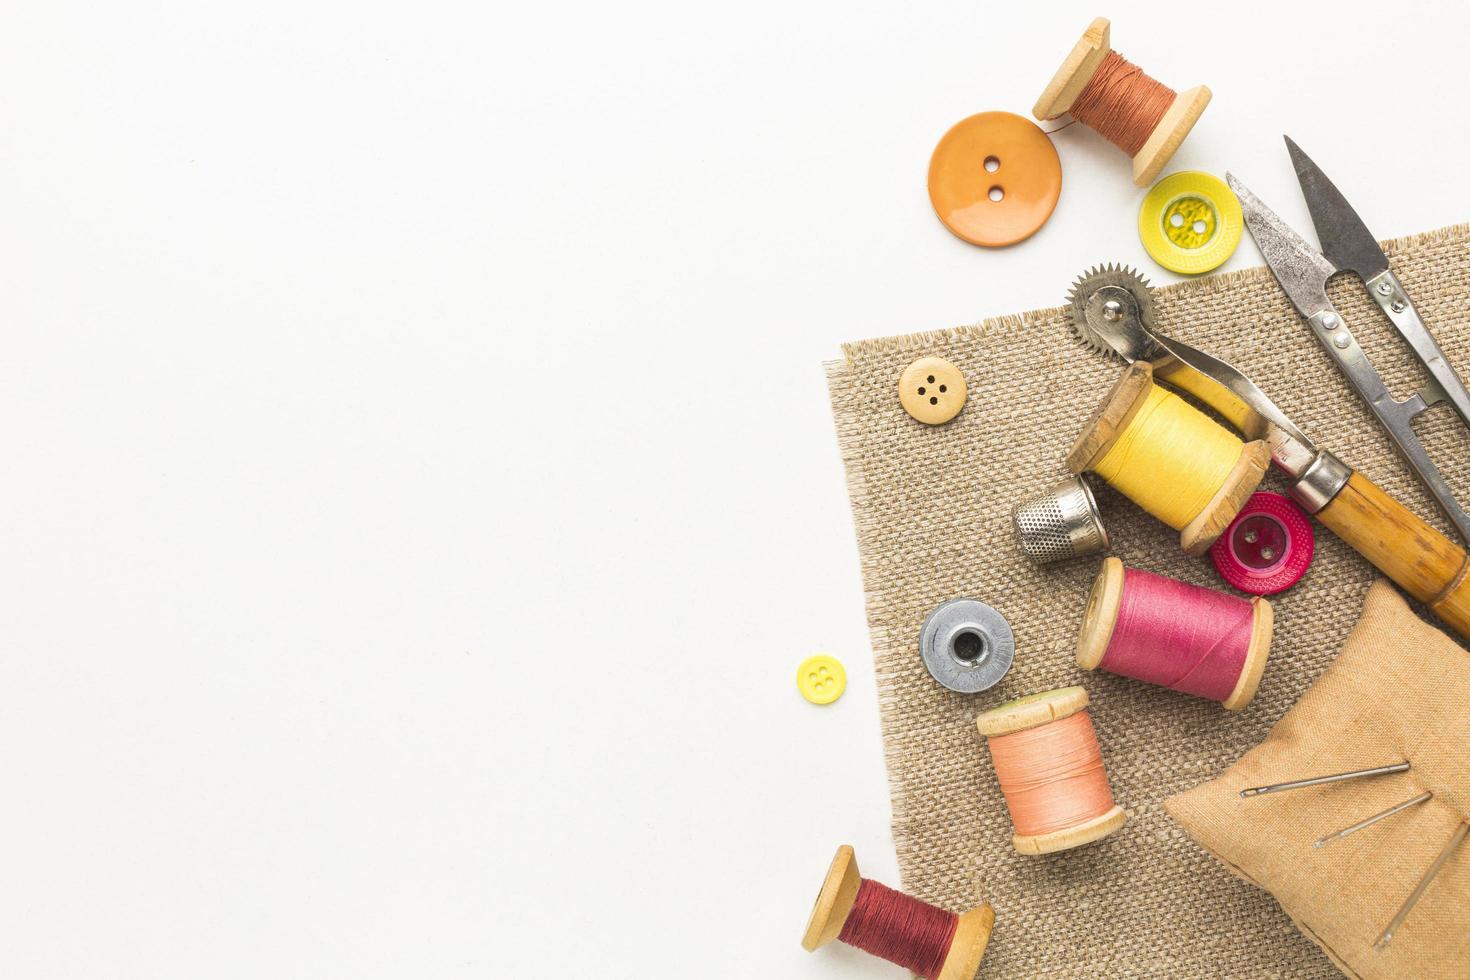 naaien items met kopie ruimte foto